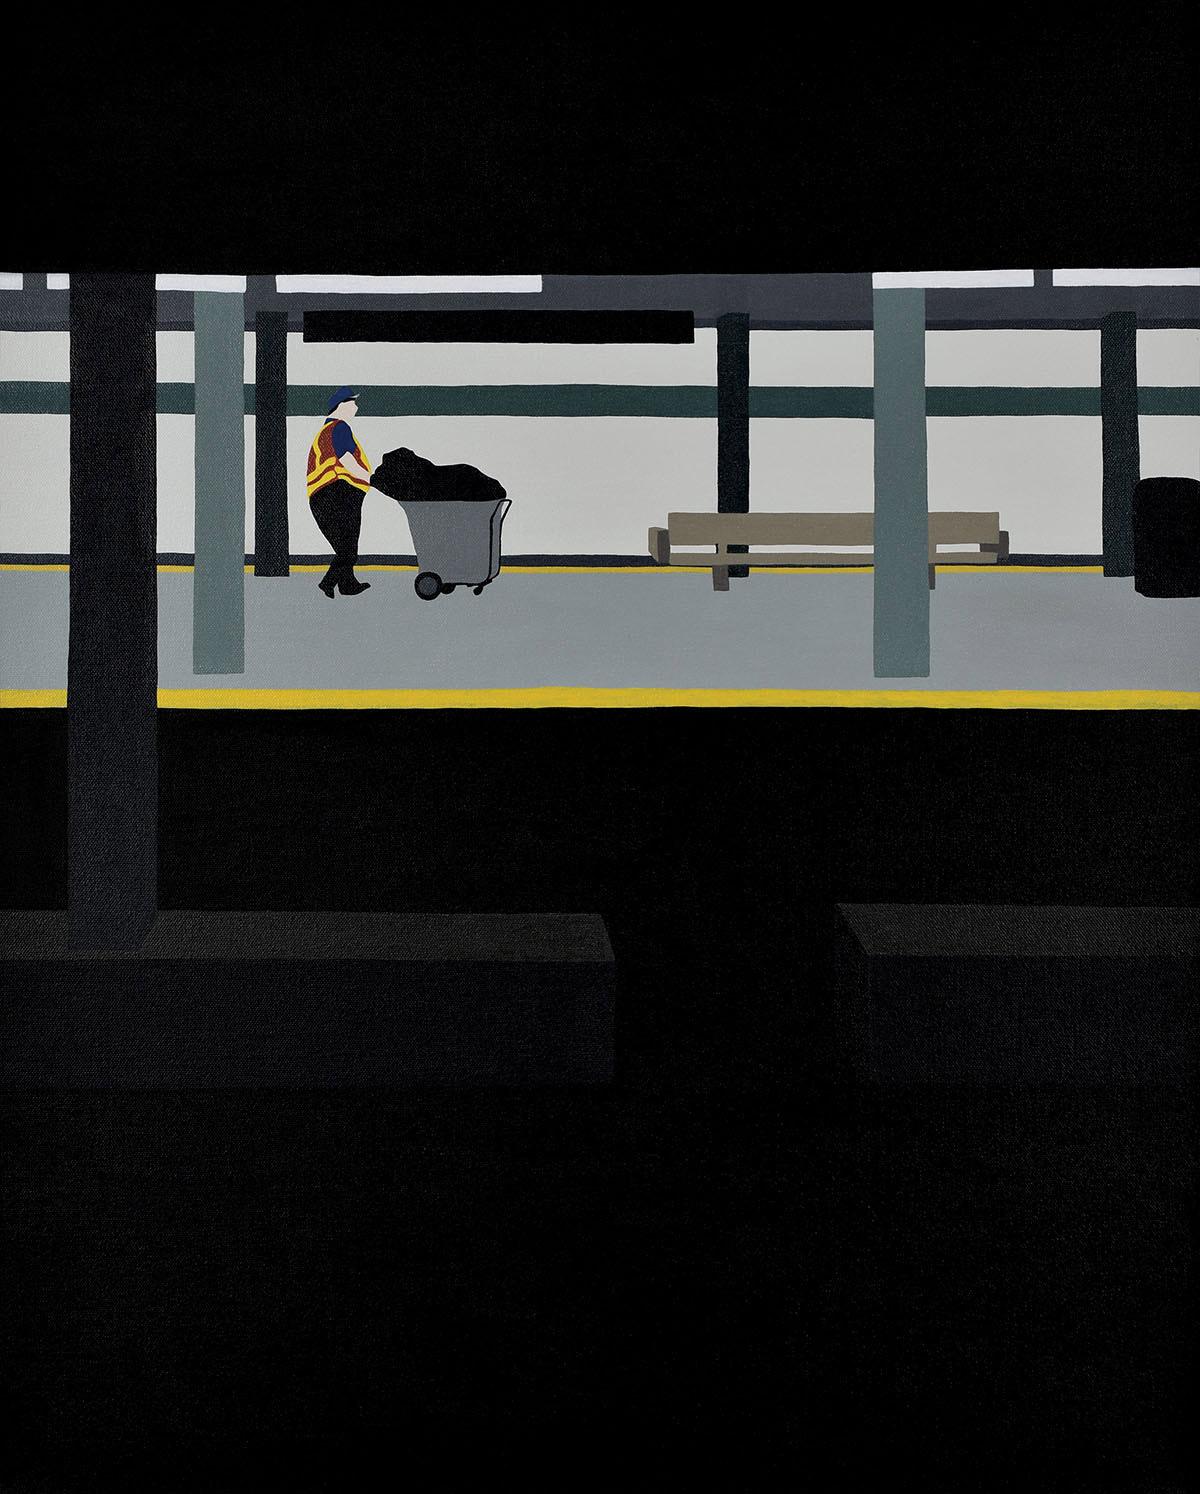 Backs, solitudine e isolamento nei dipinti di Gwen Yip | Collater.al 7